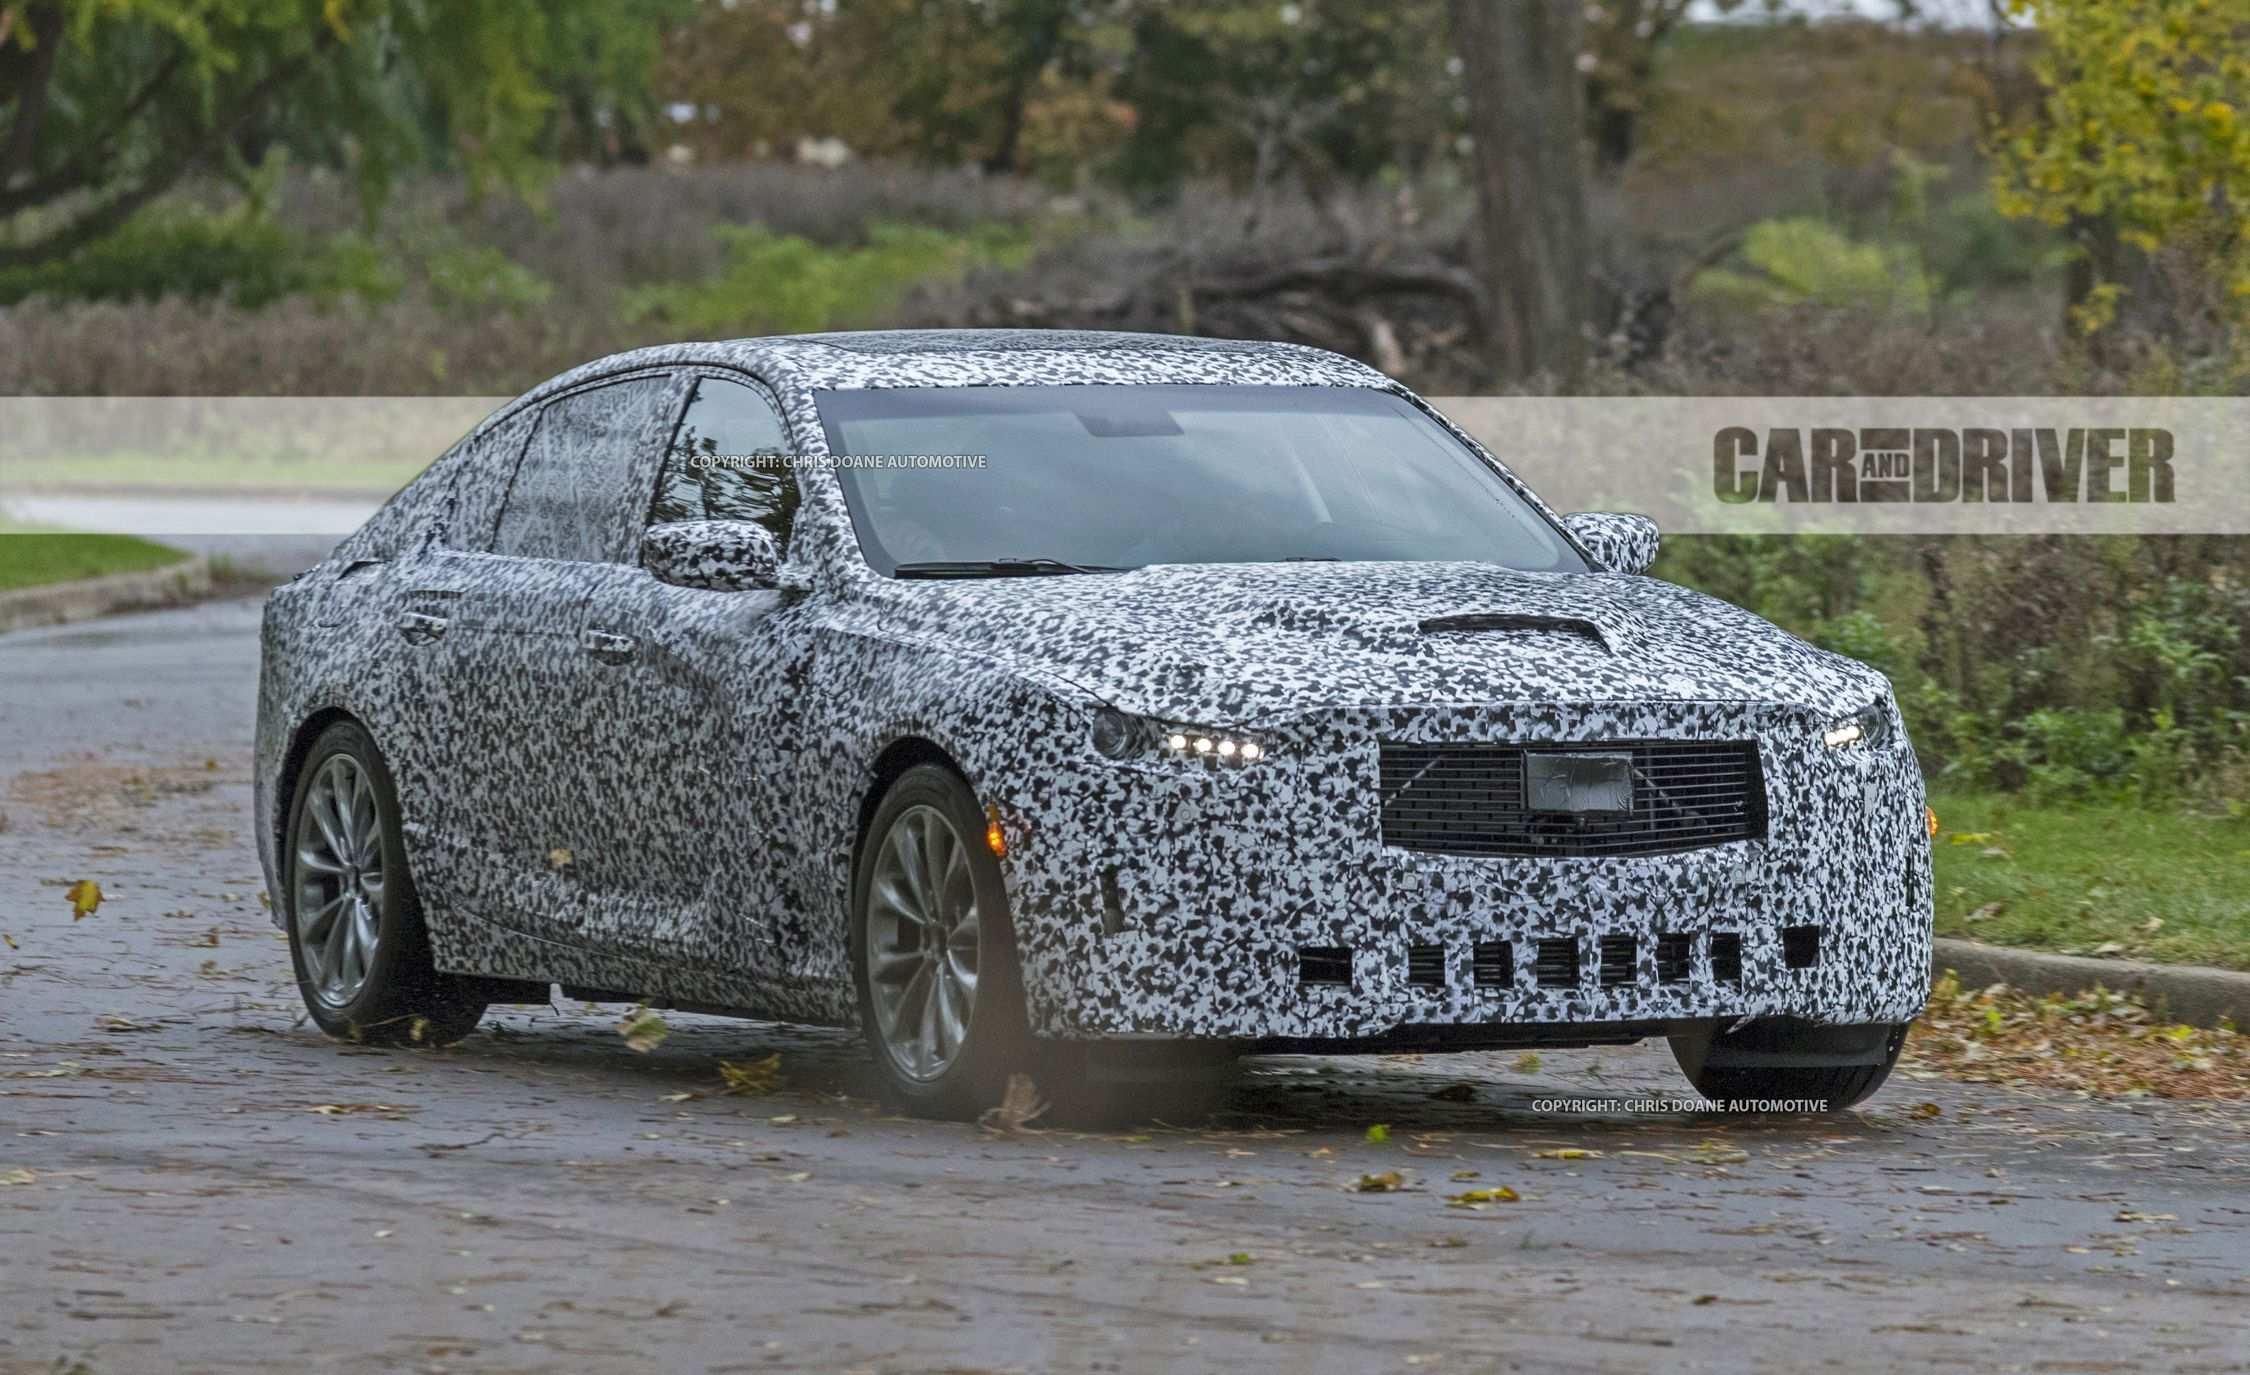 47 Concept of 2020 Cadillac Ats Rumors with 2020 Cadillac Ats